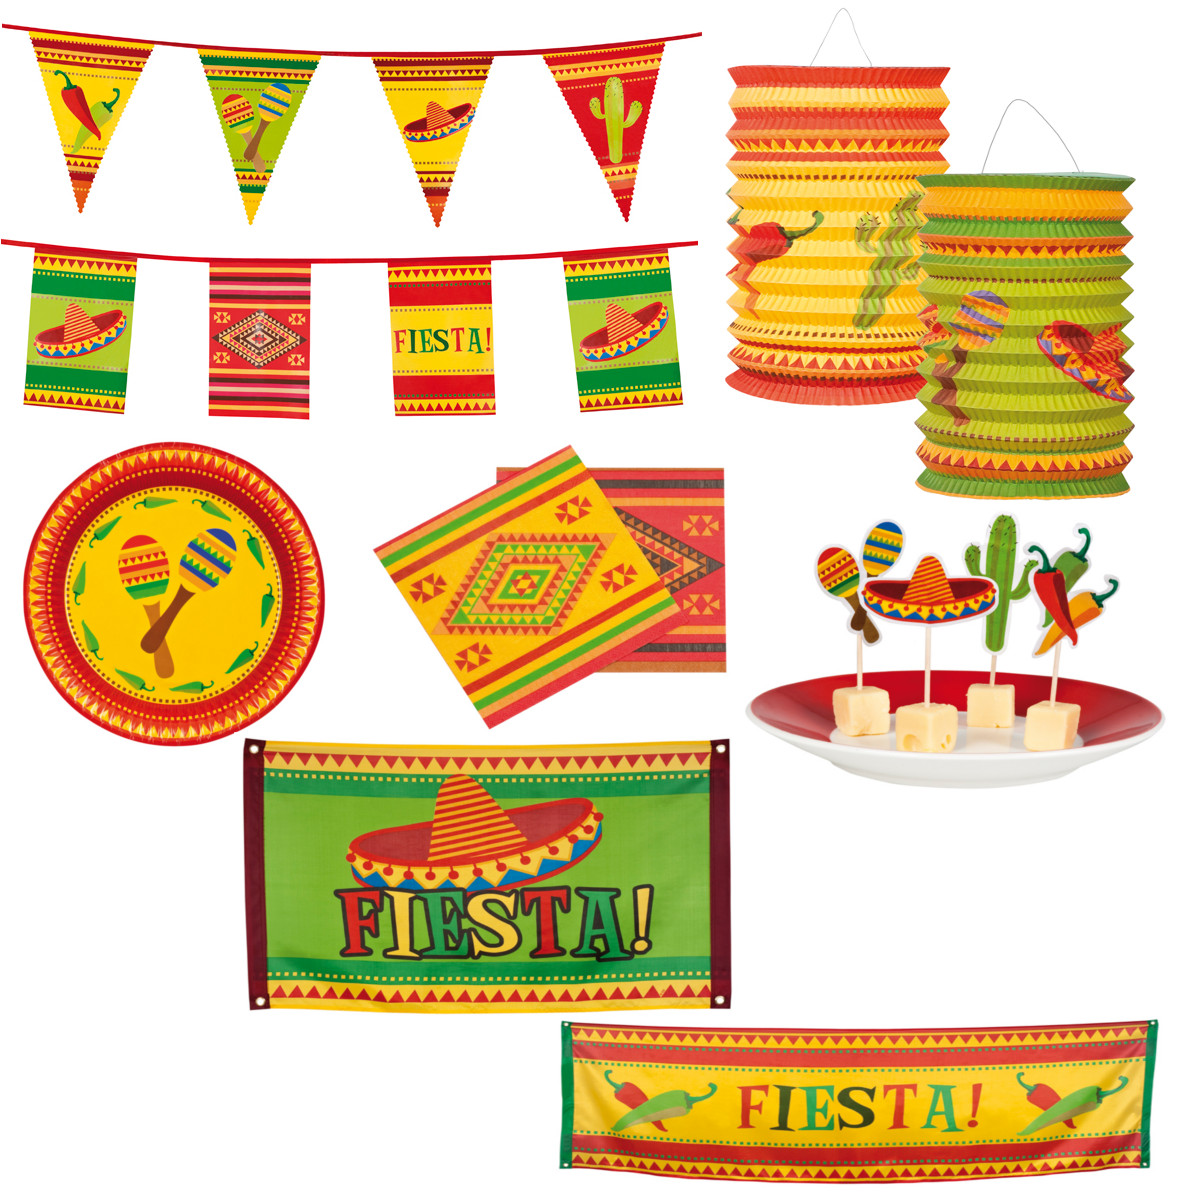 Fiesta mexico party mottoparty deko feier servietten for Mottoparty deko